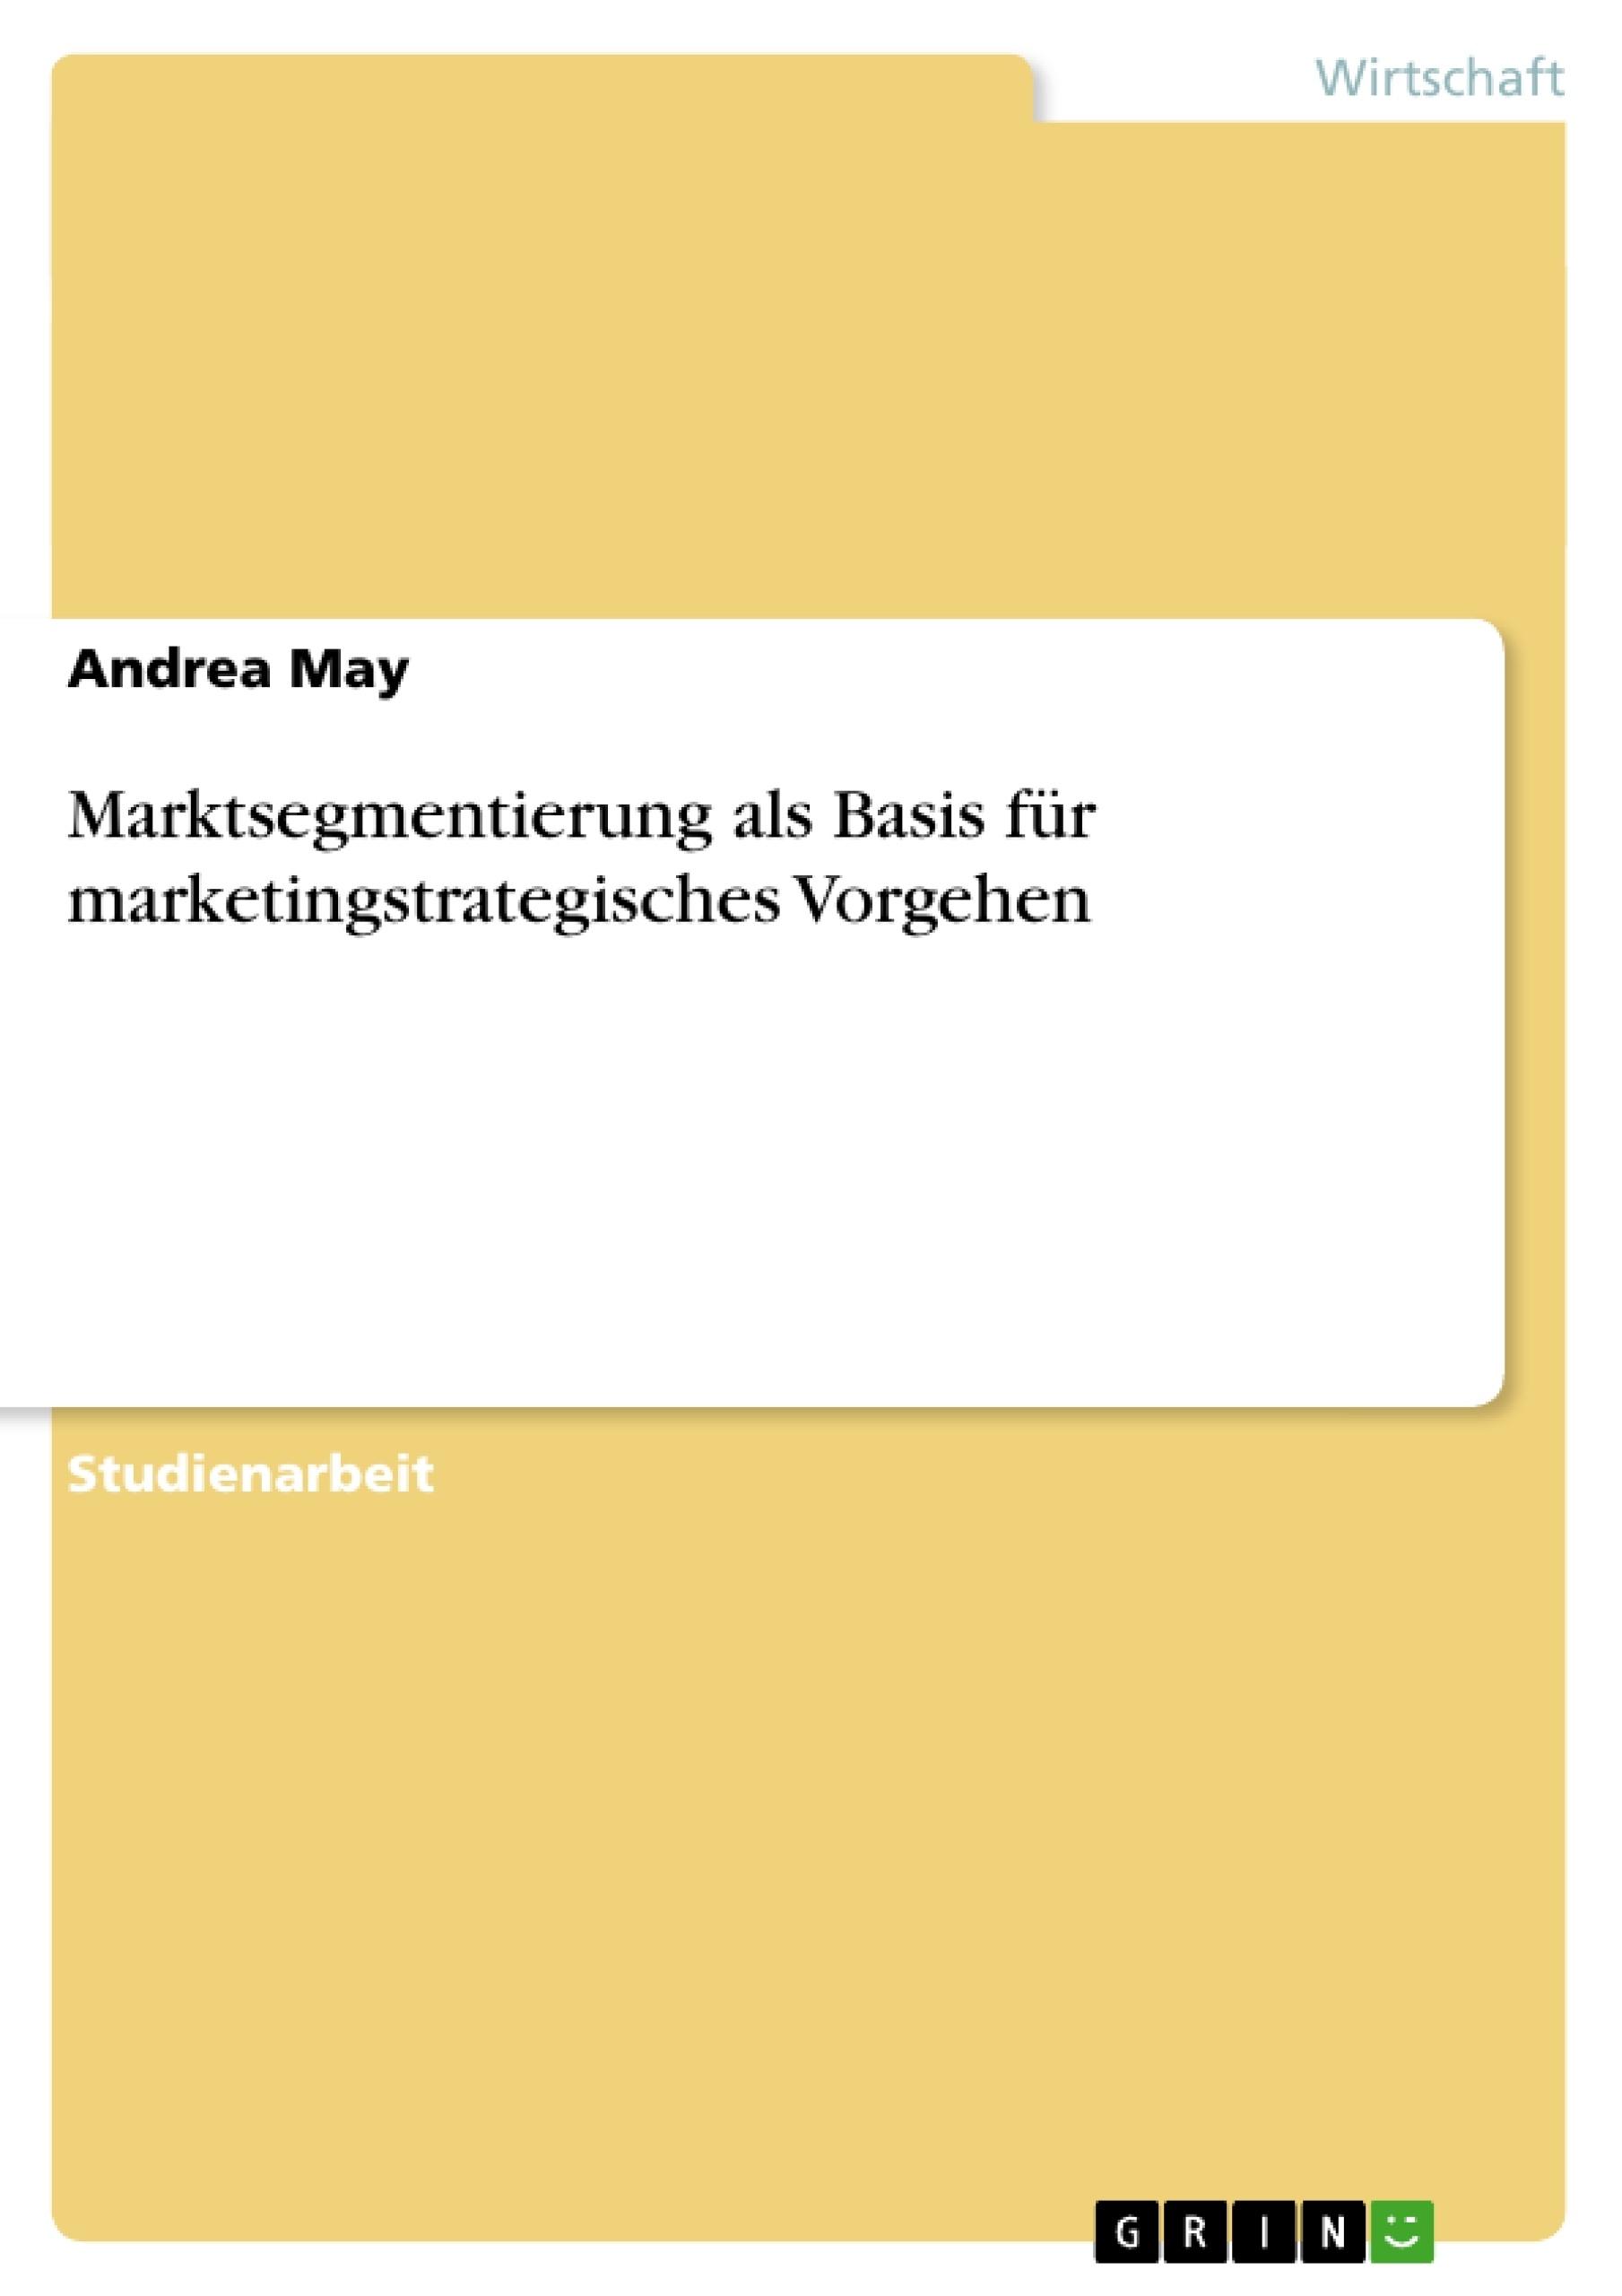 Titel: Marktsegmentierung als Basis für marketingstrategisches Vorgehen